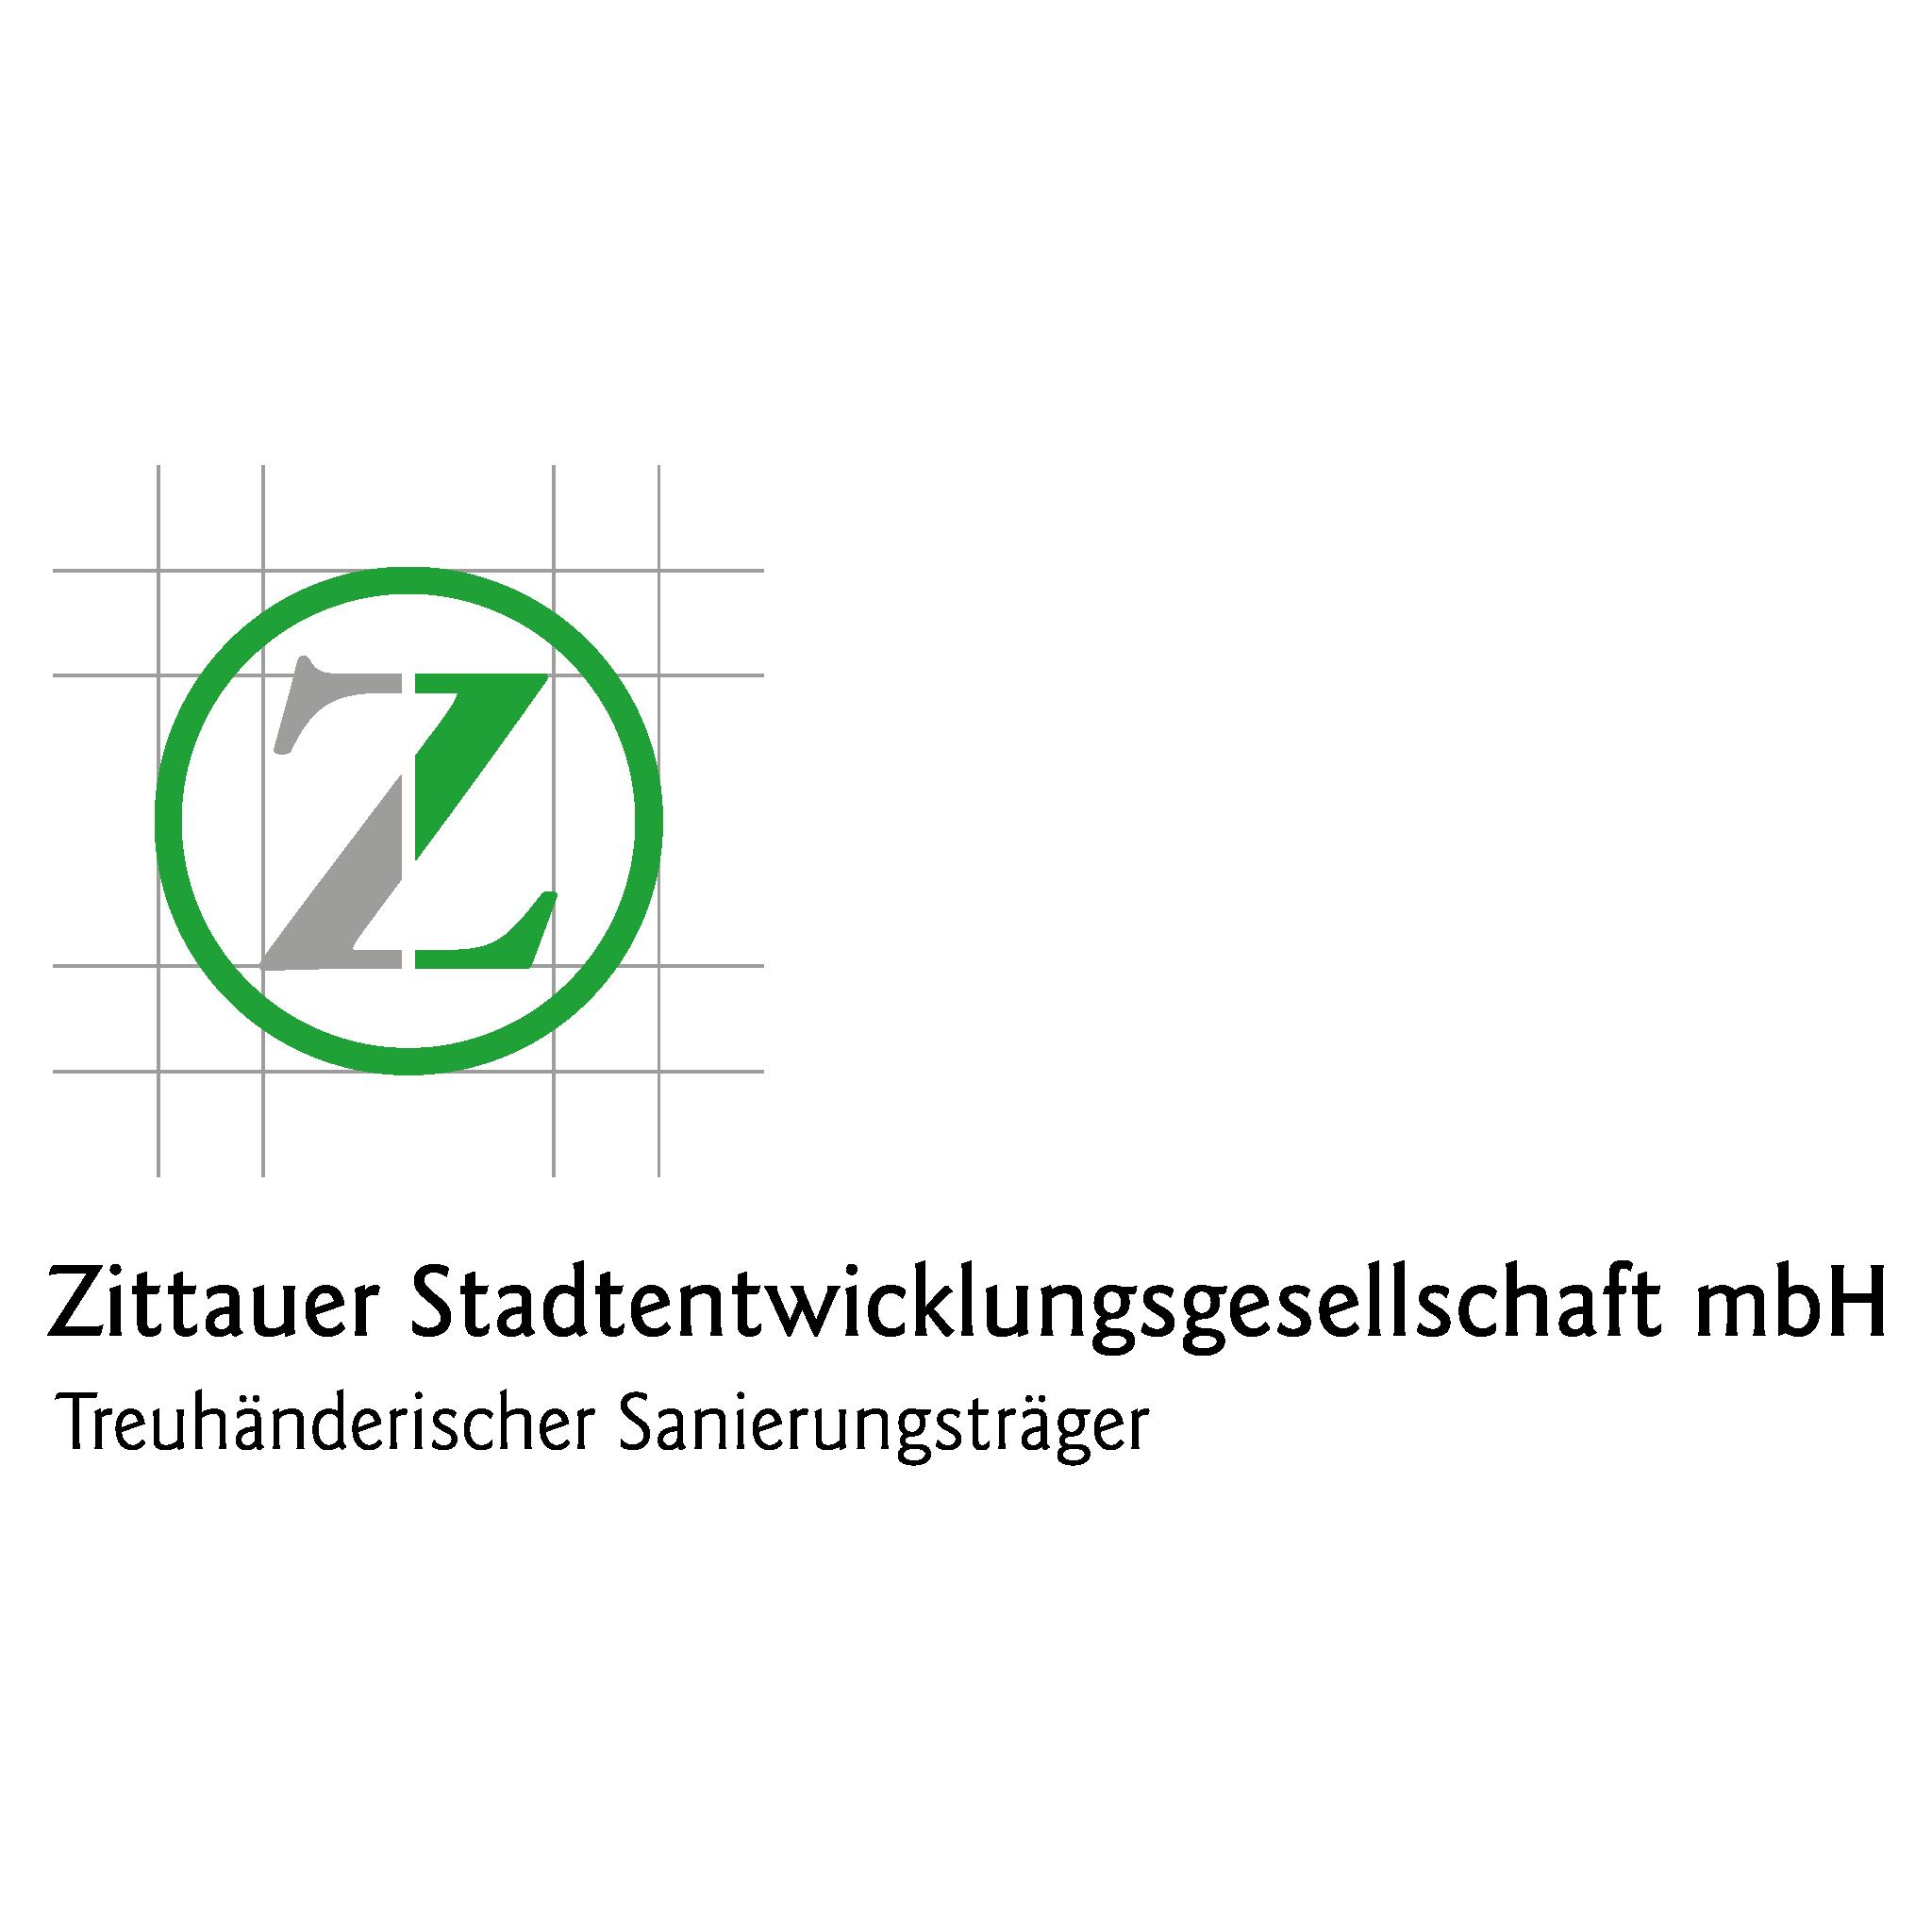 Zittauer Stadtentwicklungsgesellschaft